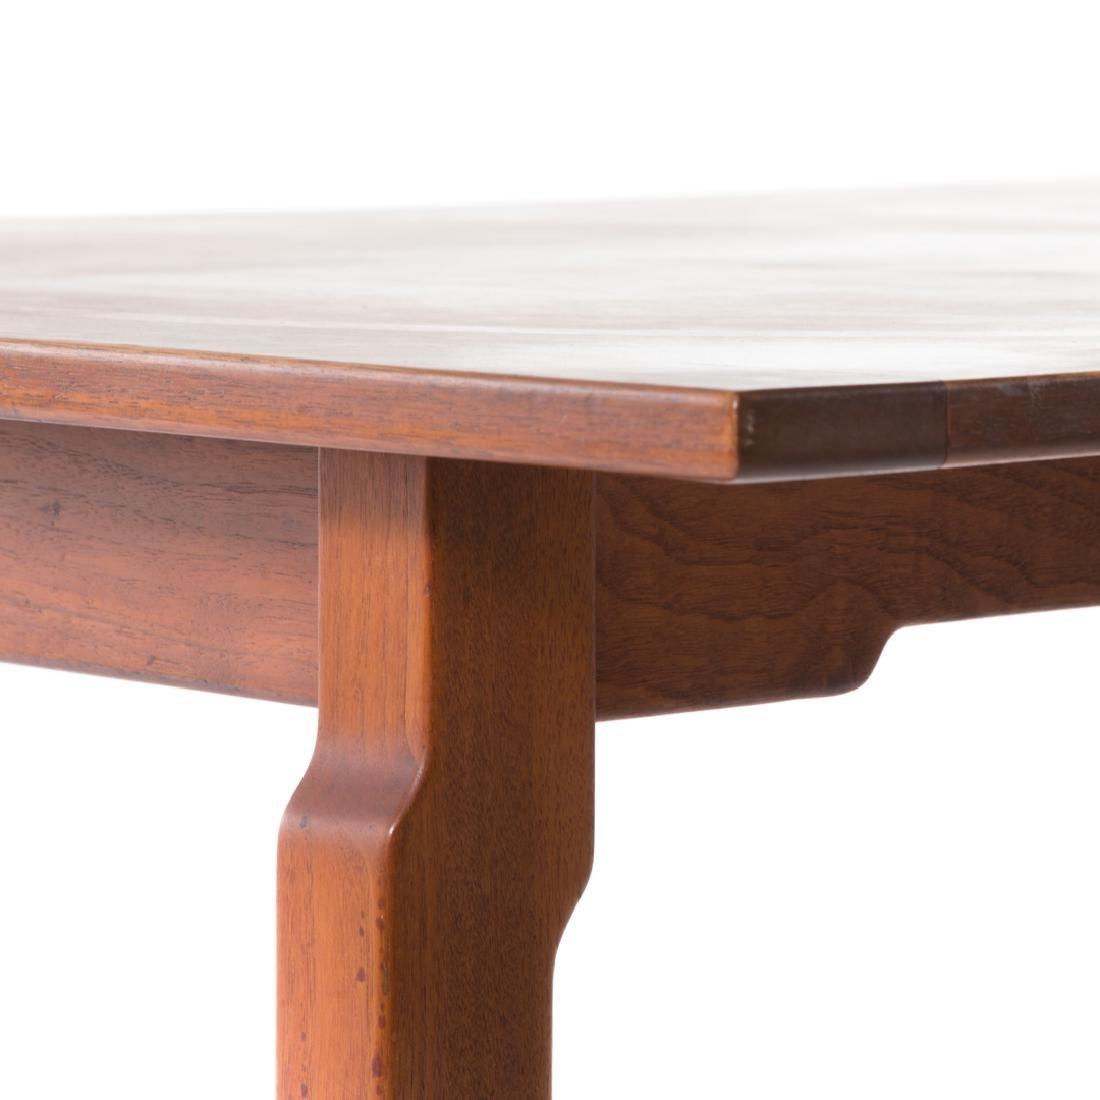 Dunbar contemporary walnut dining table - 3